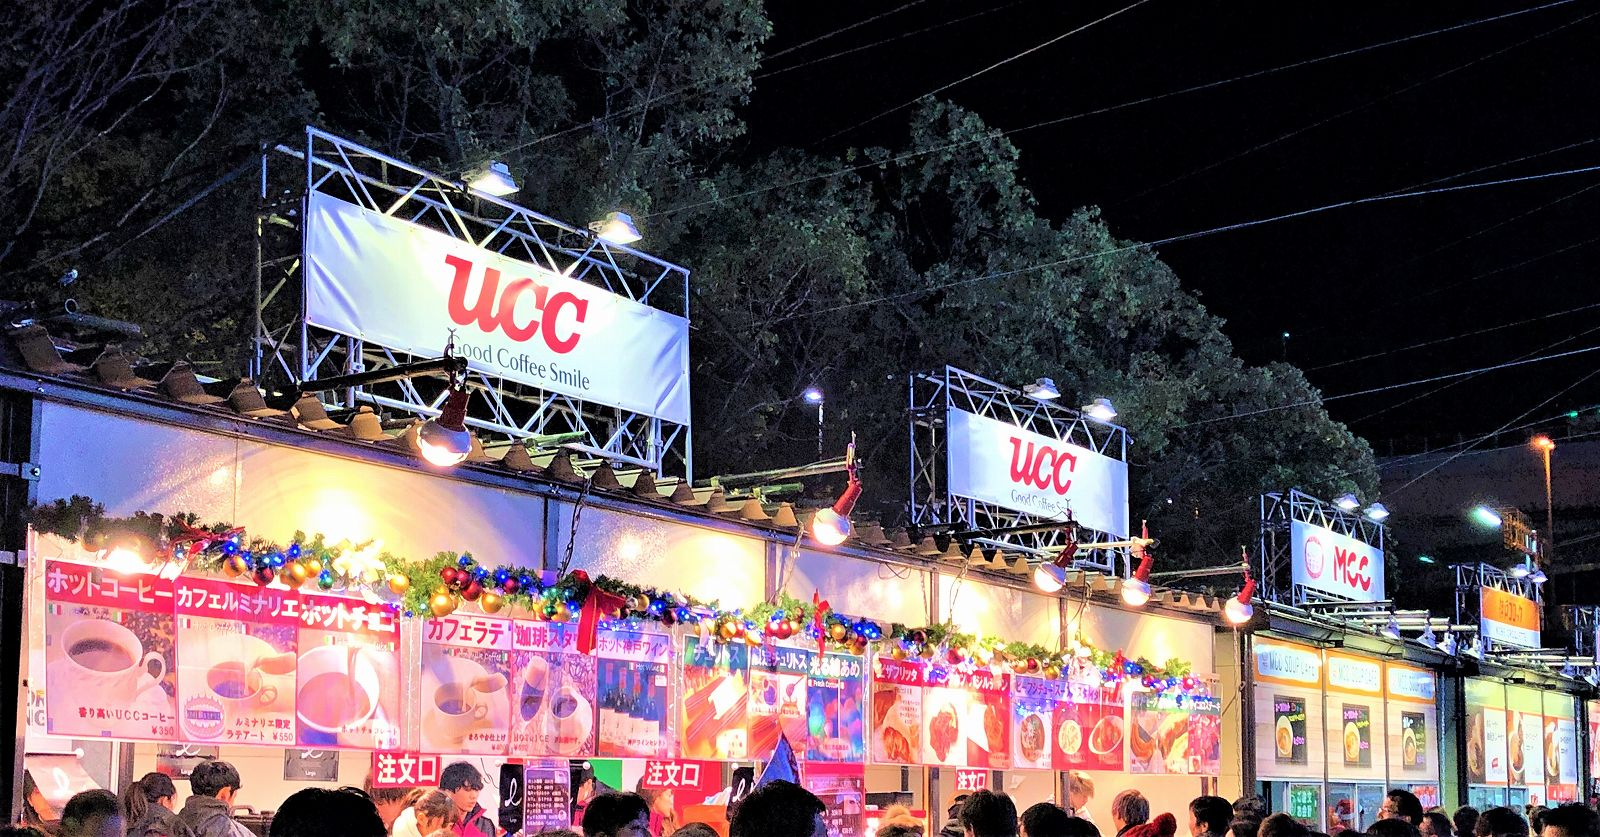 【※写真追加】神戸ルミナリエの開催にあわせ「踊る!KOBE光のファウンテン」が12月7日~16日まで同時開催! #神戸ルミナリエ #KOBE光のファウンテン #グルメイベント #神戸観光 #東遊園地